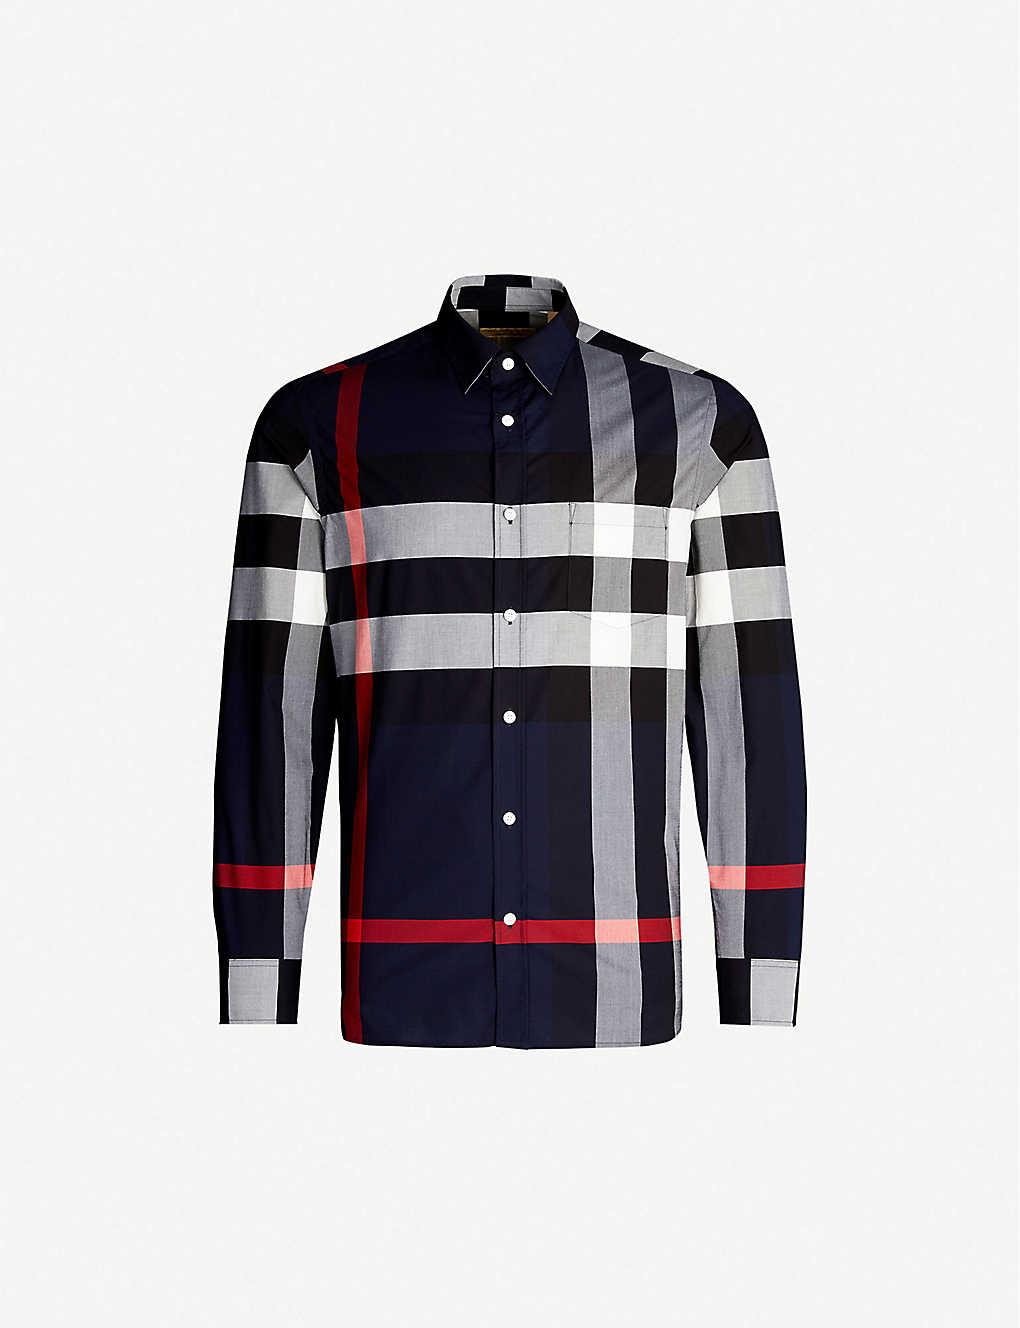 47eb5a78 BURBERRY - Windsor checked regular-fit cotton shirt | Selfridges.com